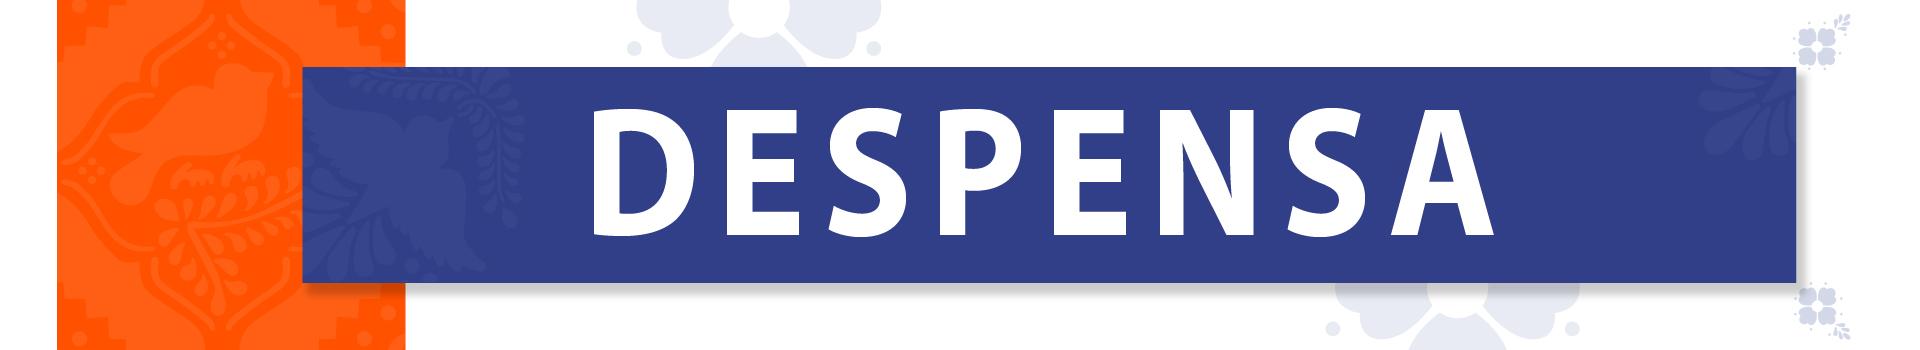 Banner Despensa